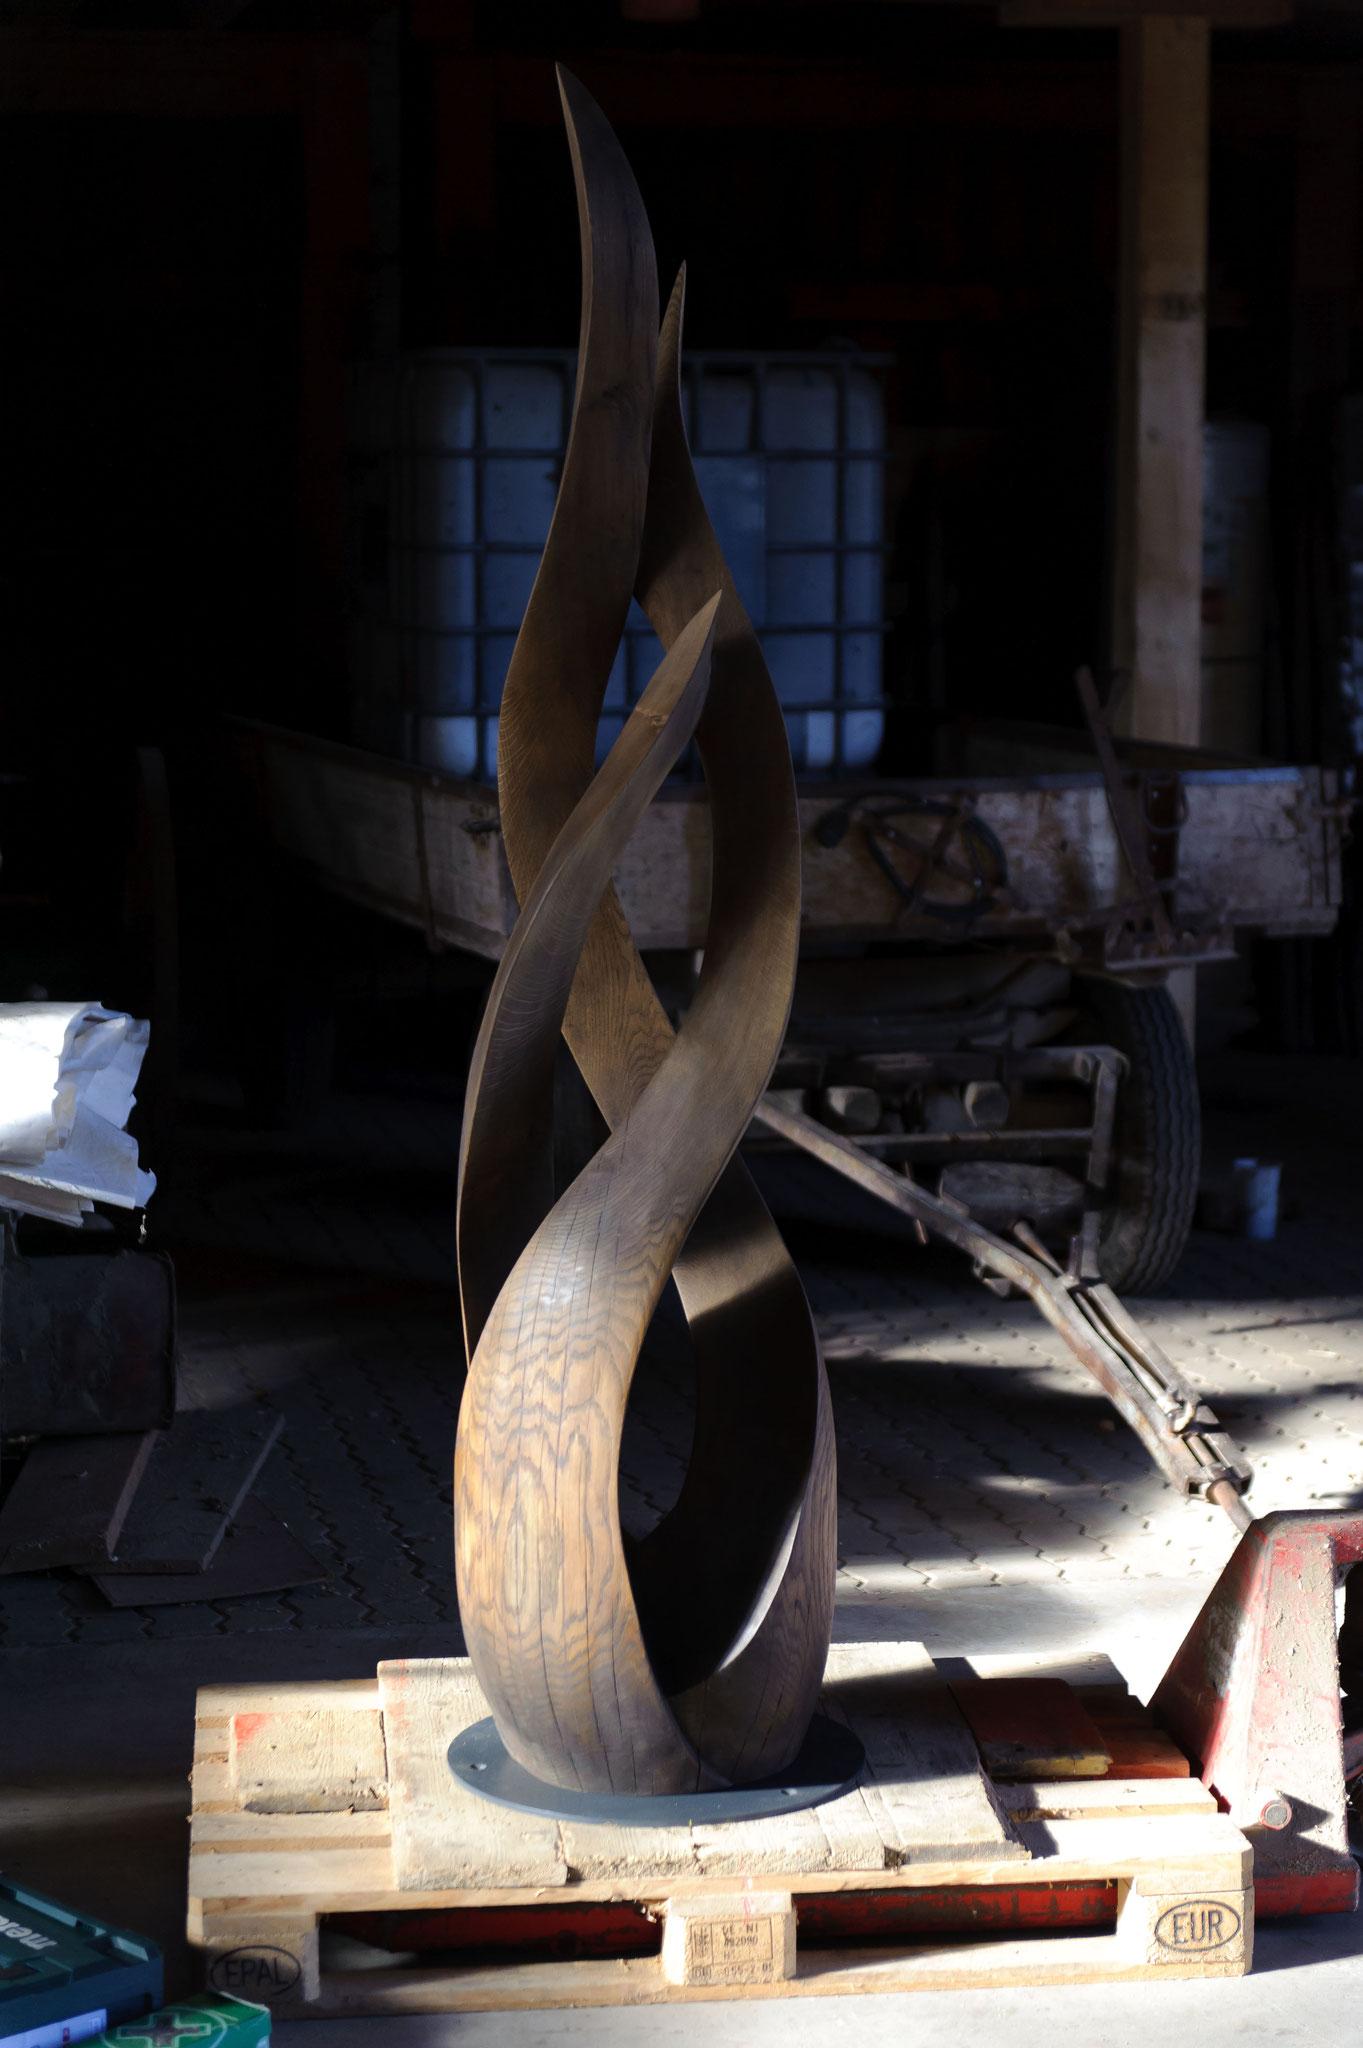 auf Stahlplatte befestigt